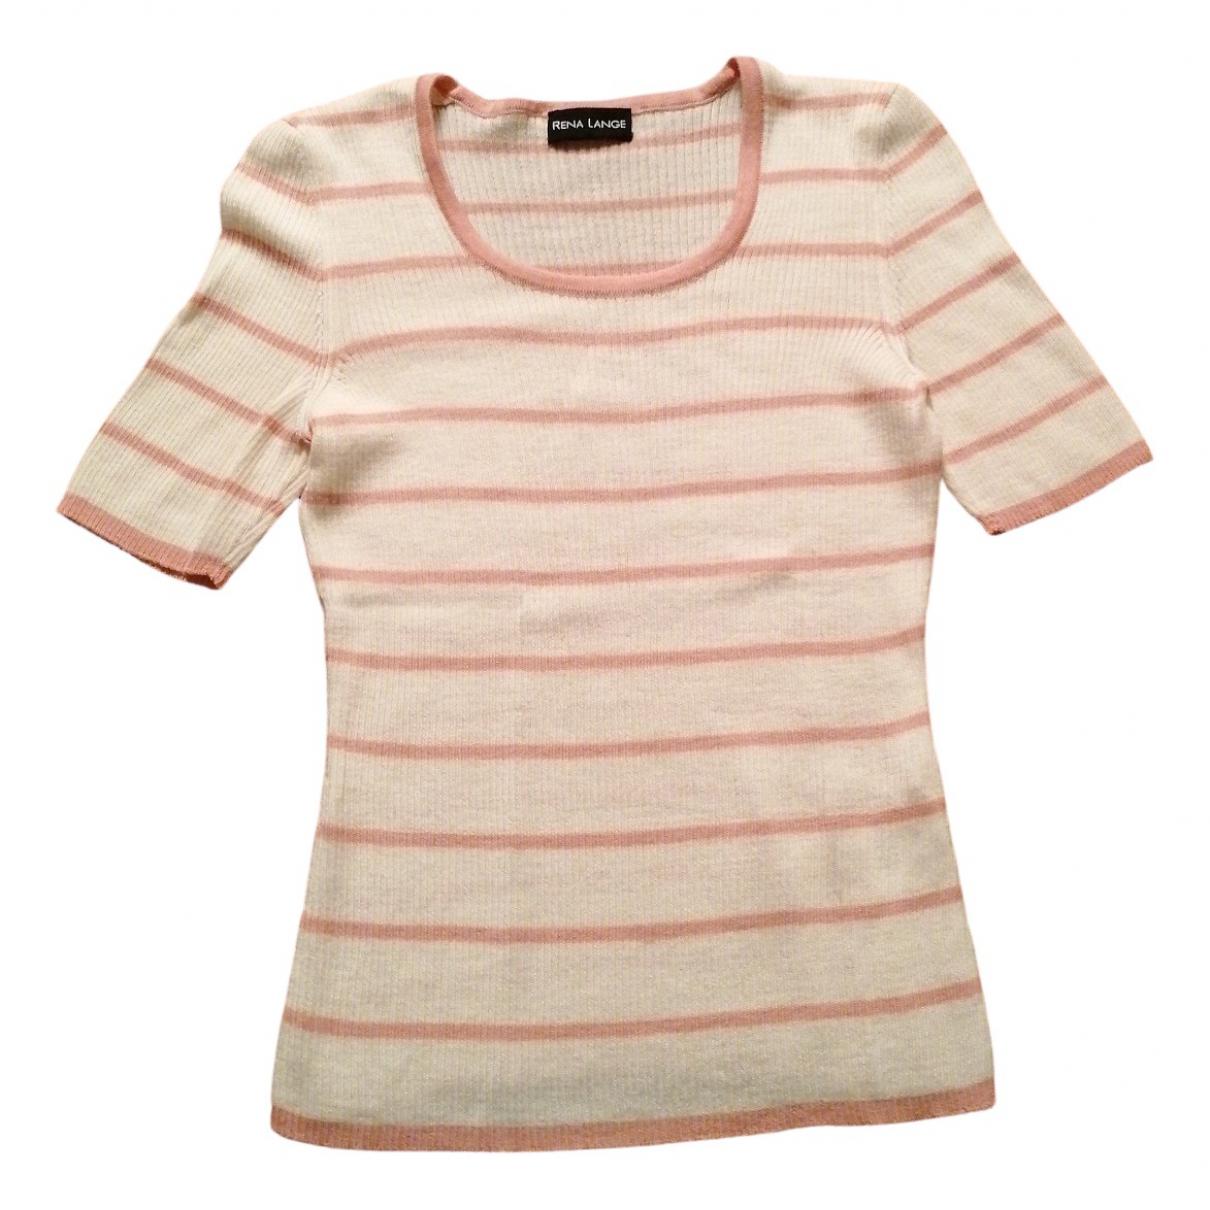 Camiseta de Seda Rena Lange